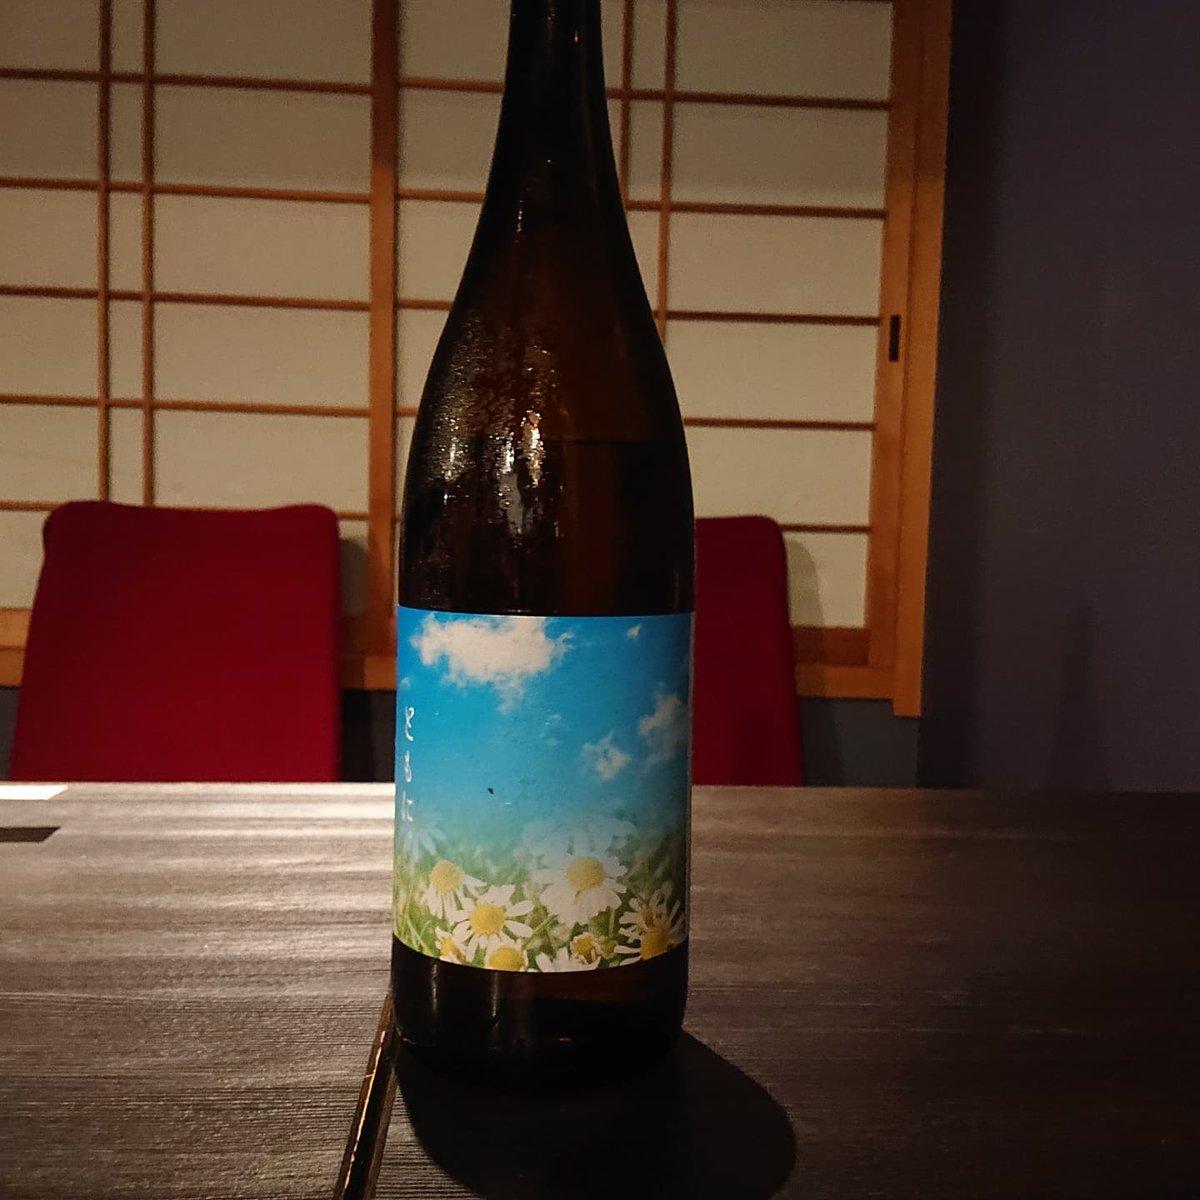 test ツイッターメディア - 山形から 上喜元  「これからの時代を皆様ともに日本酒を楽しんでいけるように」 この苦難をともに一緒に乗り越えたいと願いをこめて命名された50%精米でR2BYの上喜元の至極の純米大吟醸スペシャルブレンド☆お上品なお味☆美味し過ぎ… 今週このやお休みです #上喜元#ともに#日本酒#酒パワー https://t.co/vr1jlbIeD4